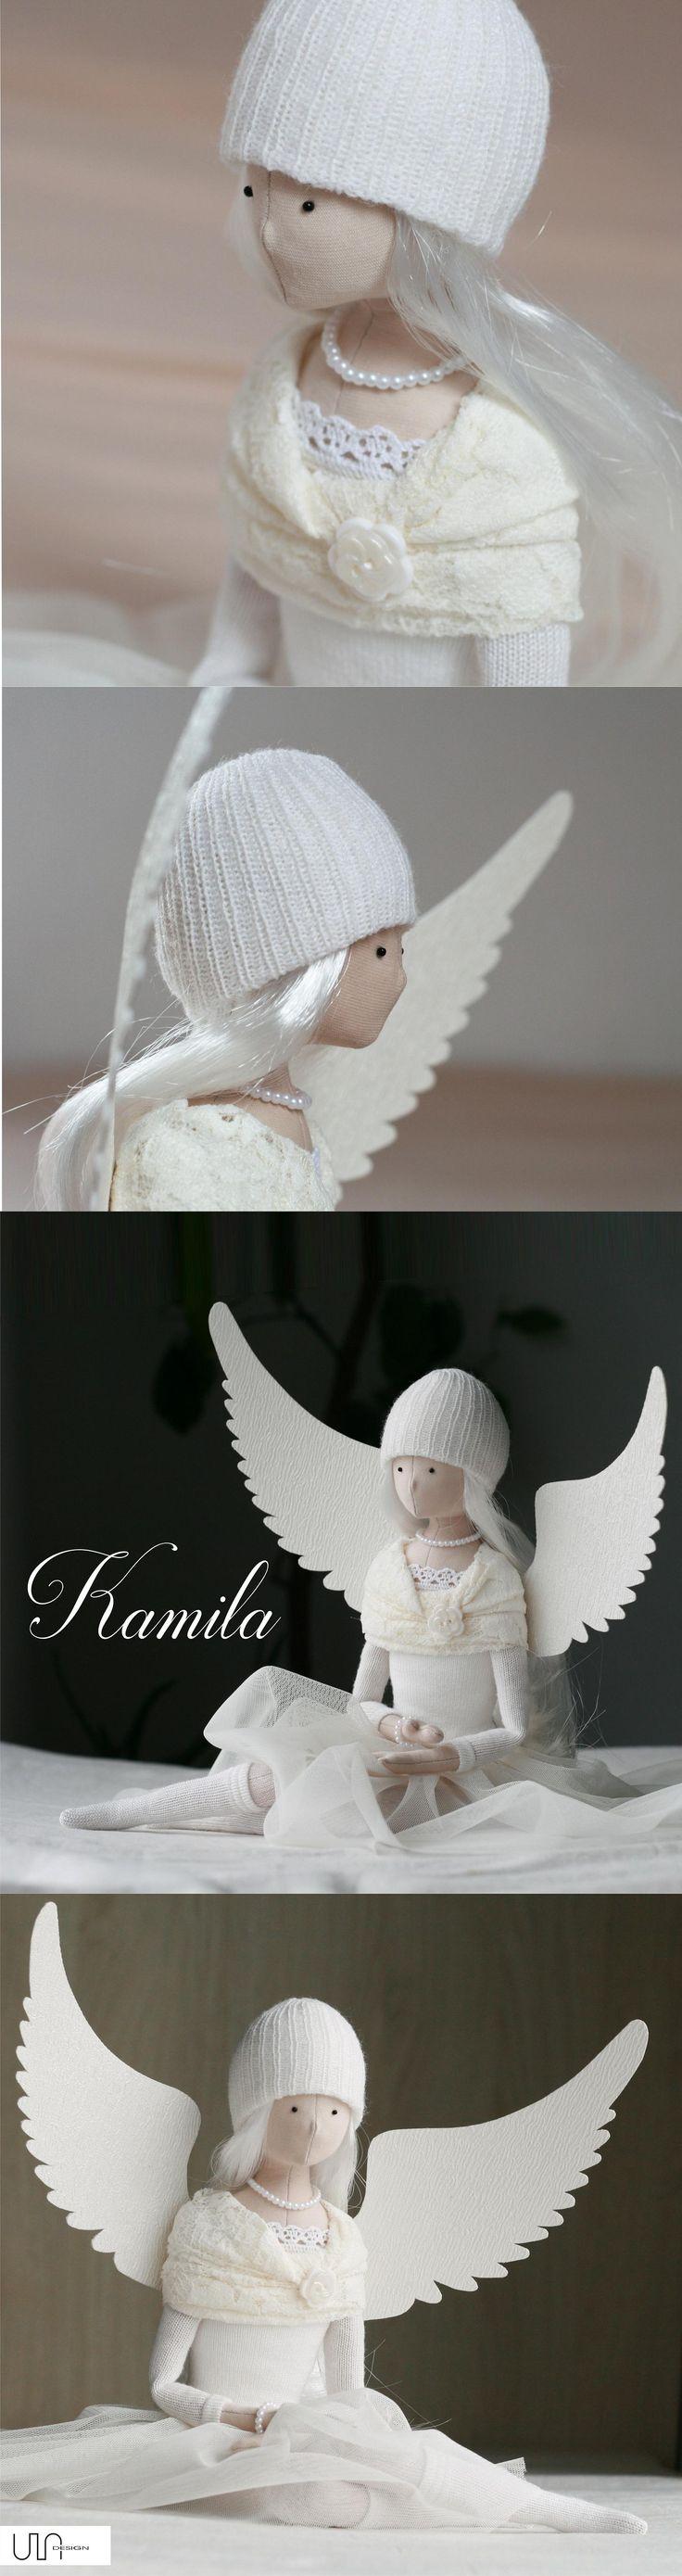 angel tilda doll